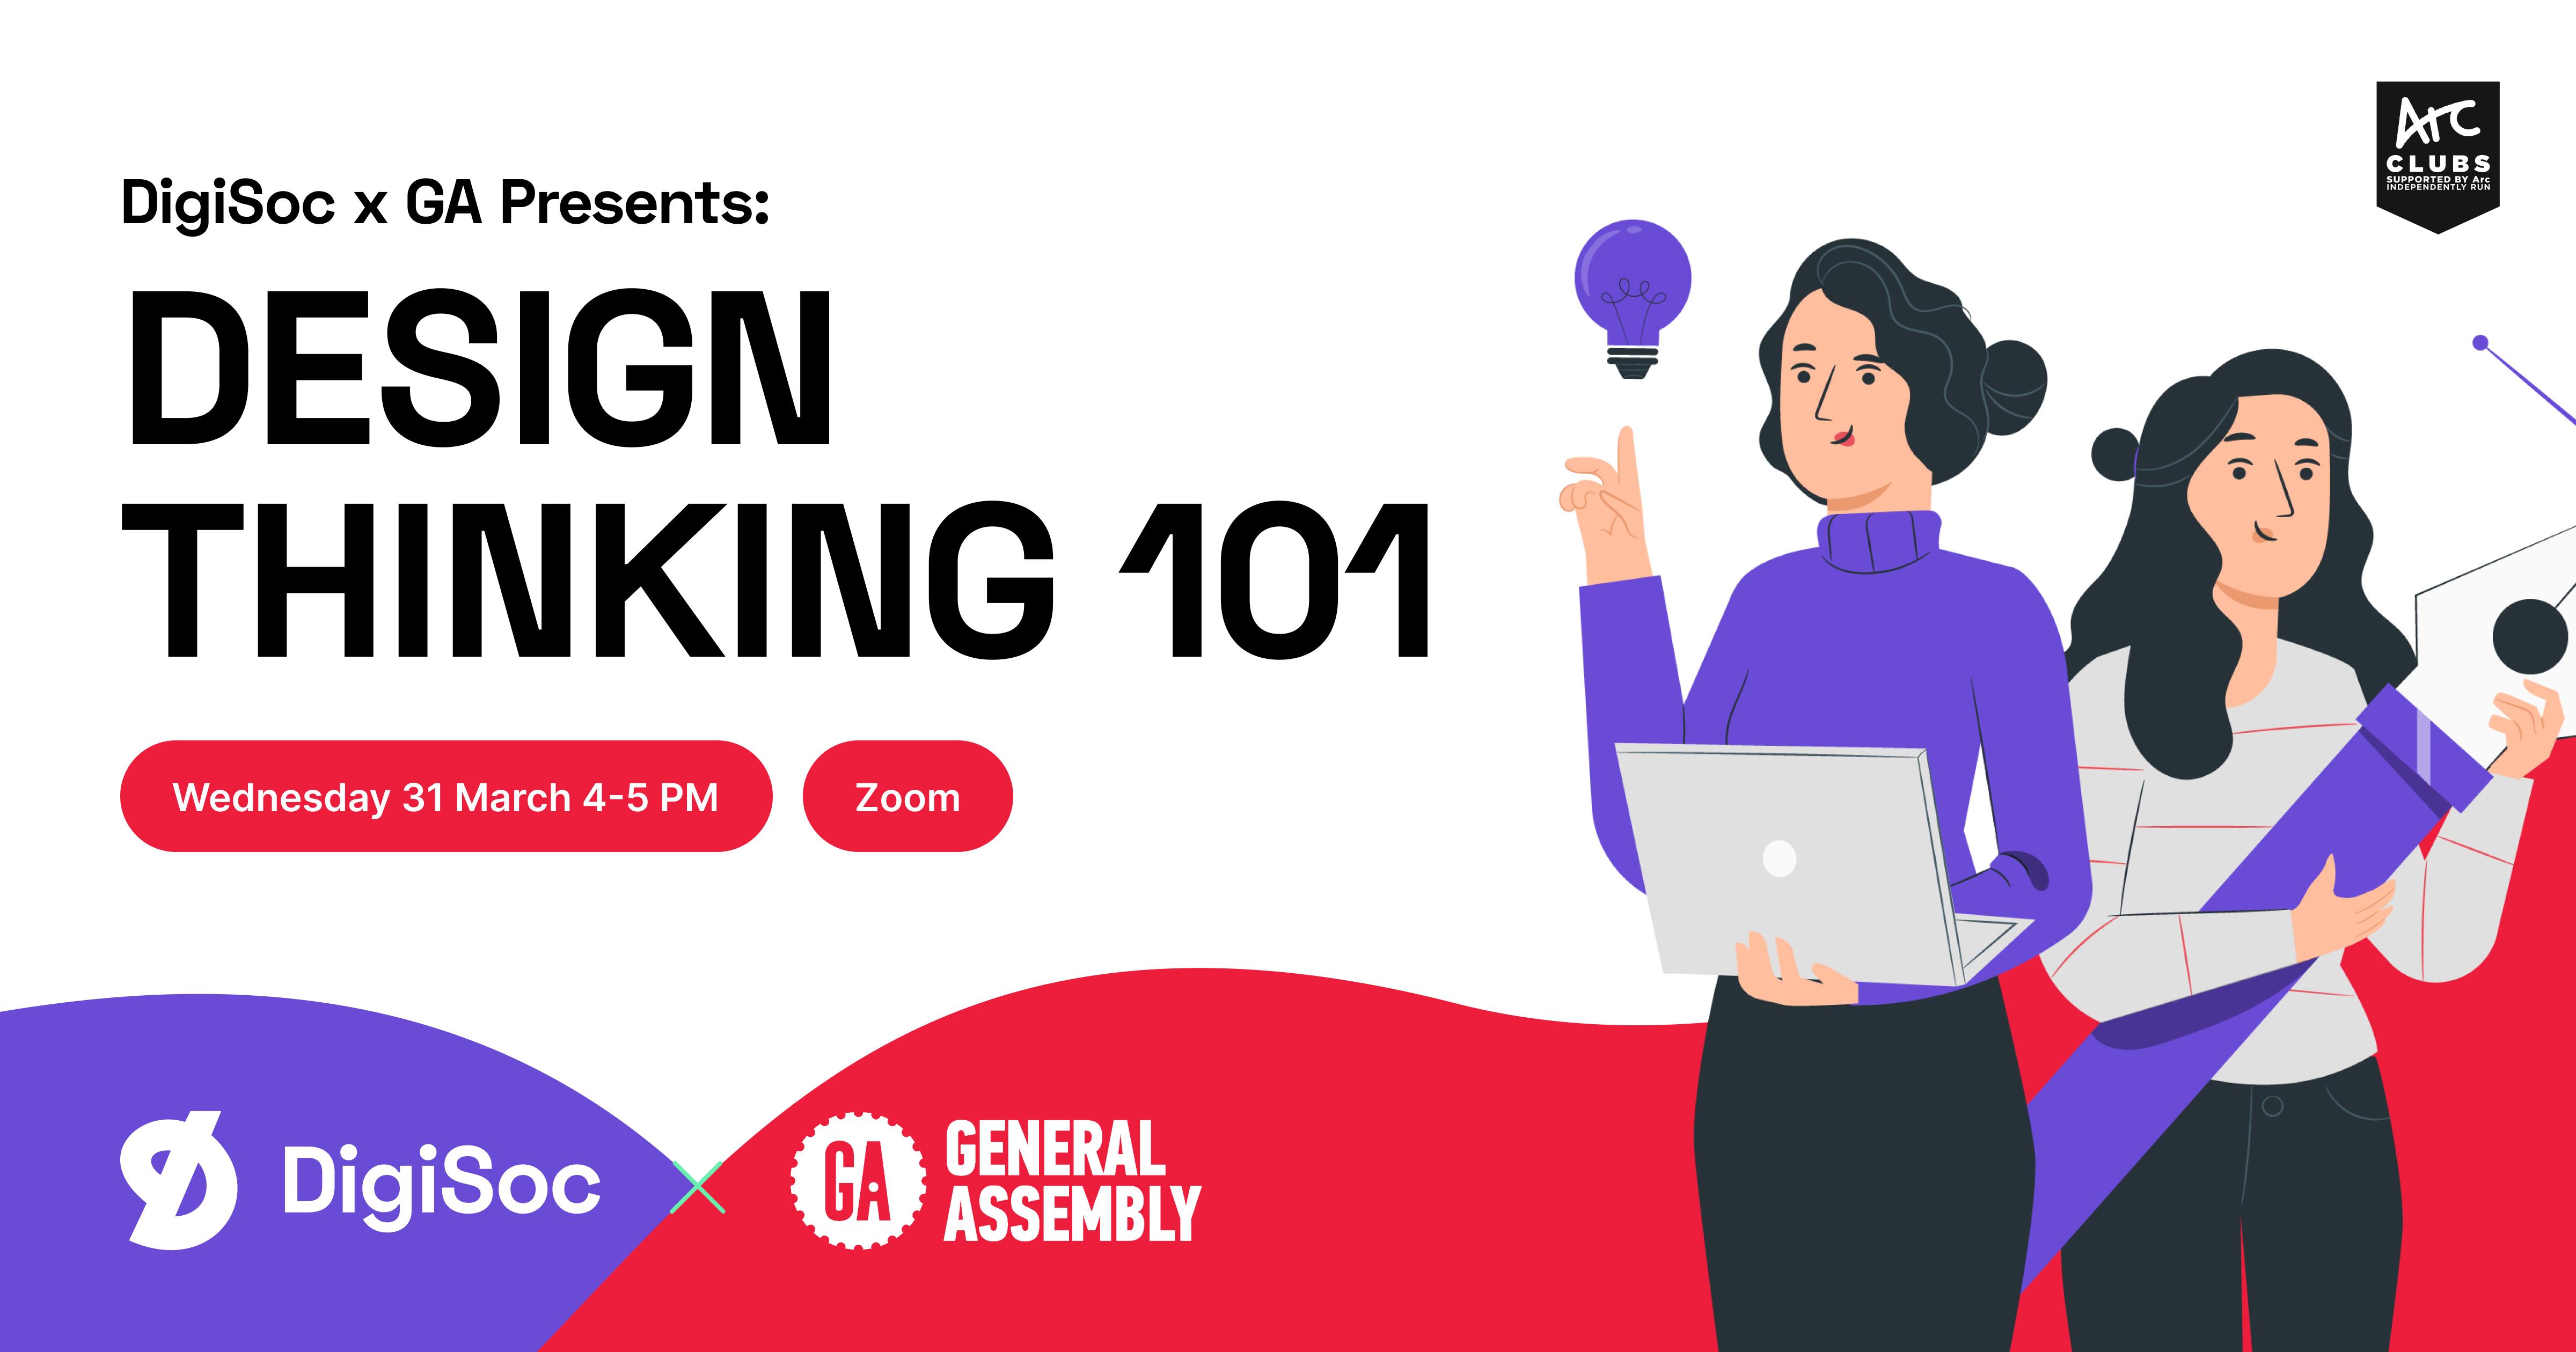 DigiSoc x GA Presents: Design Thinking 101